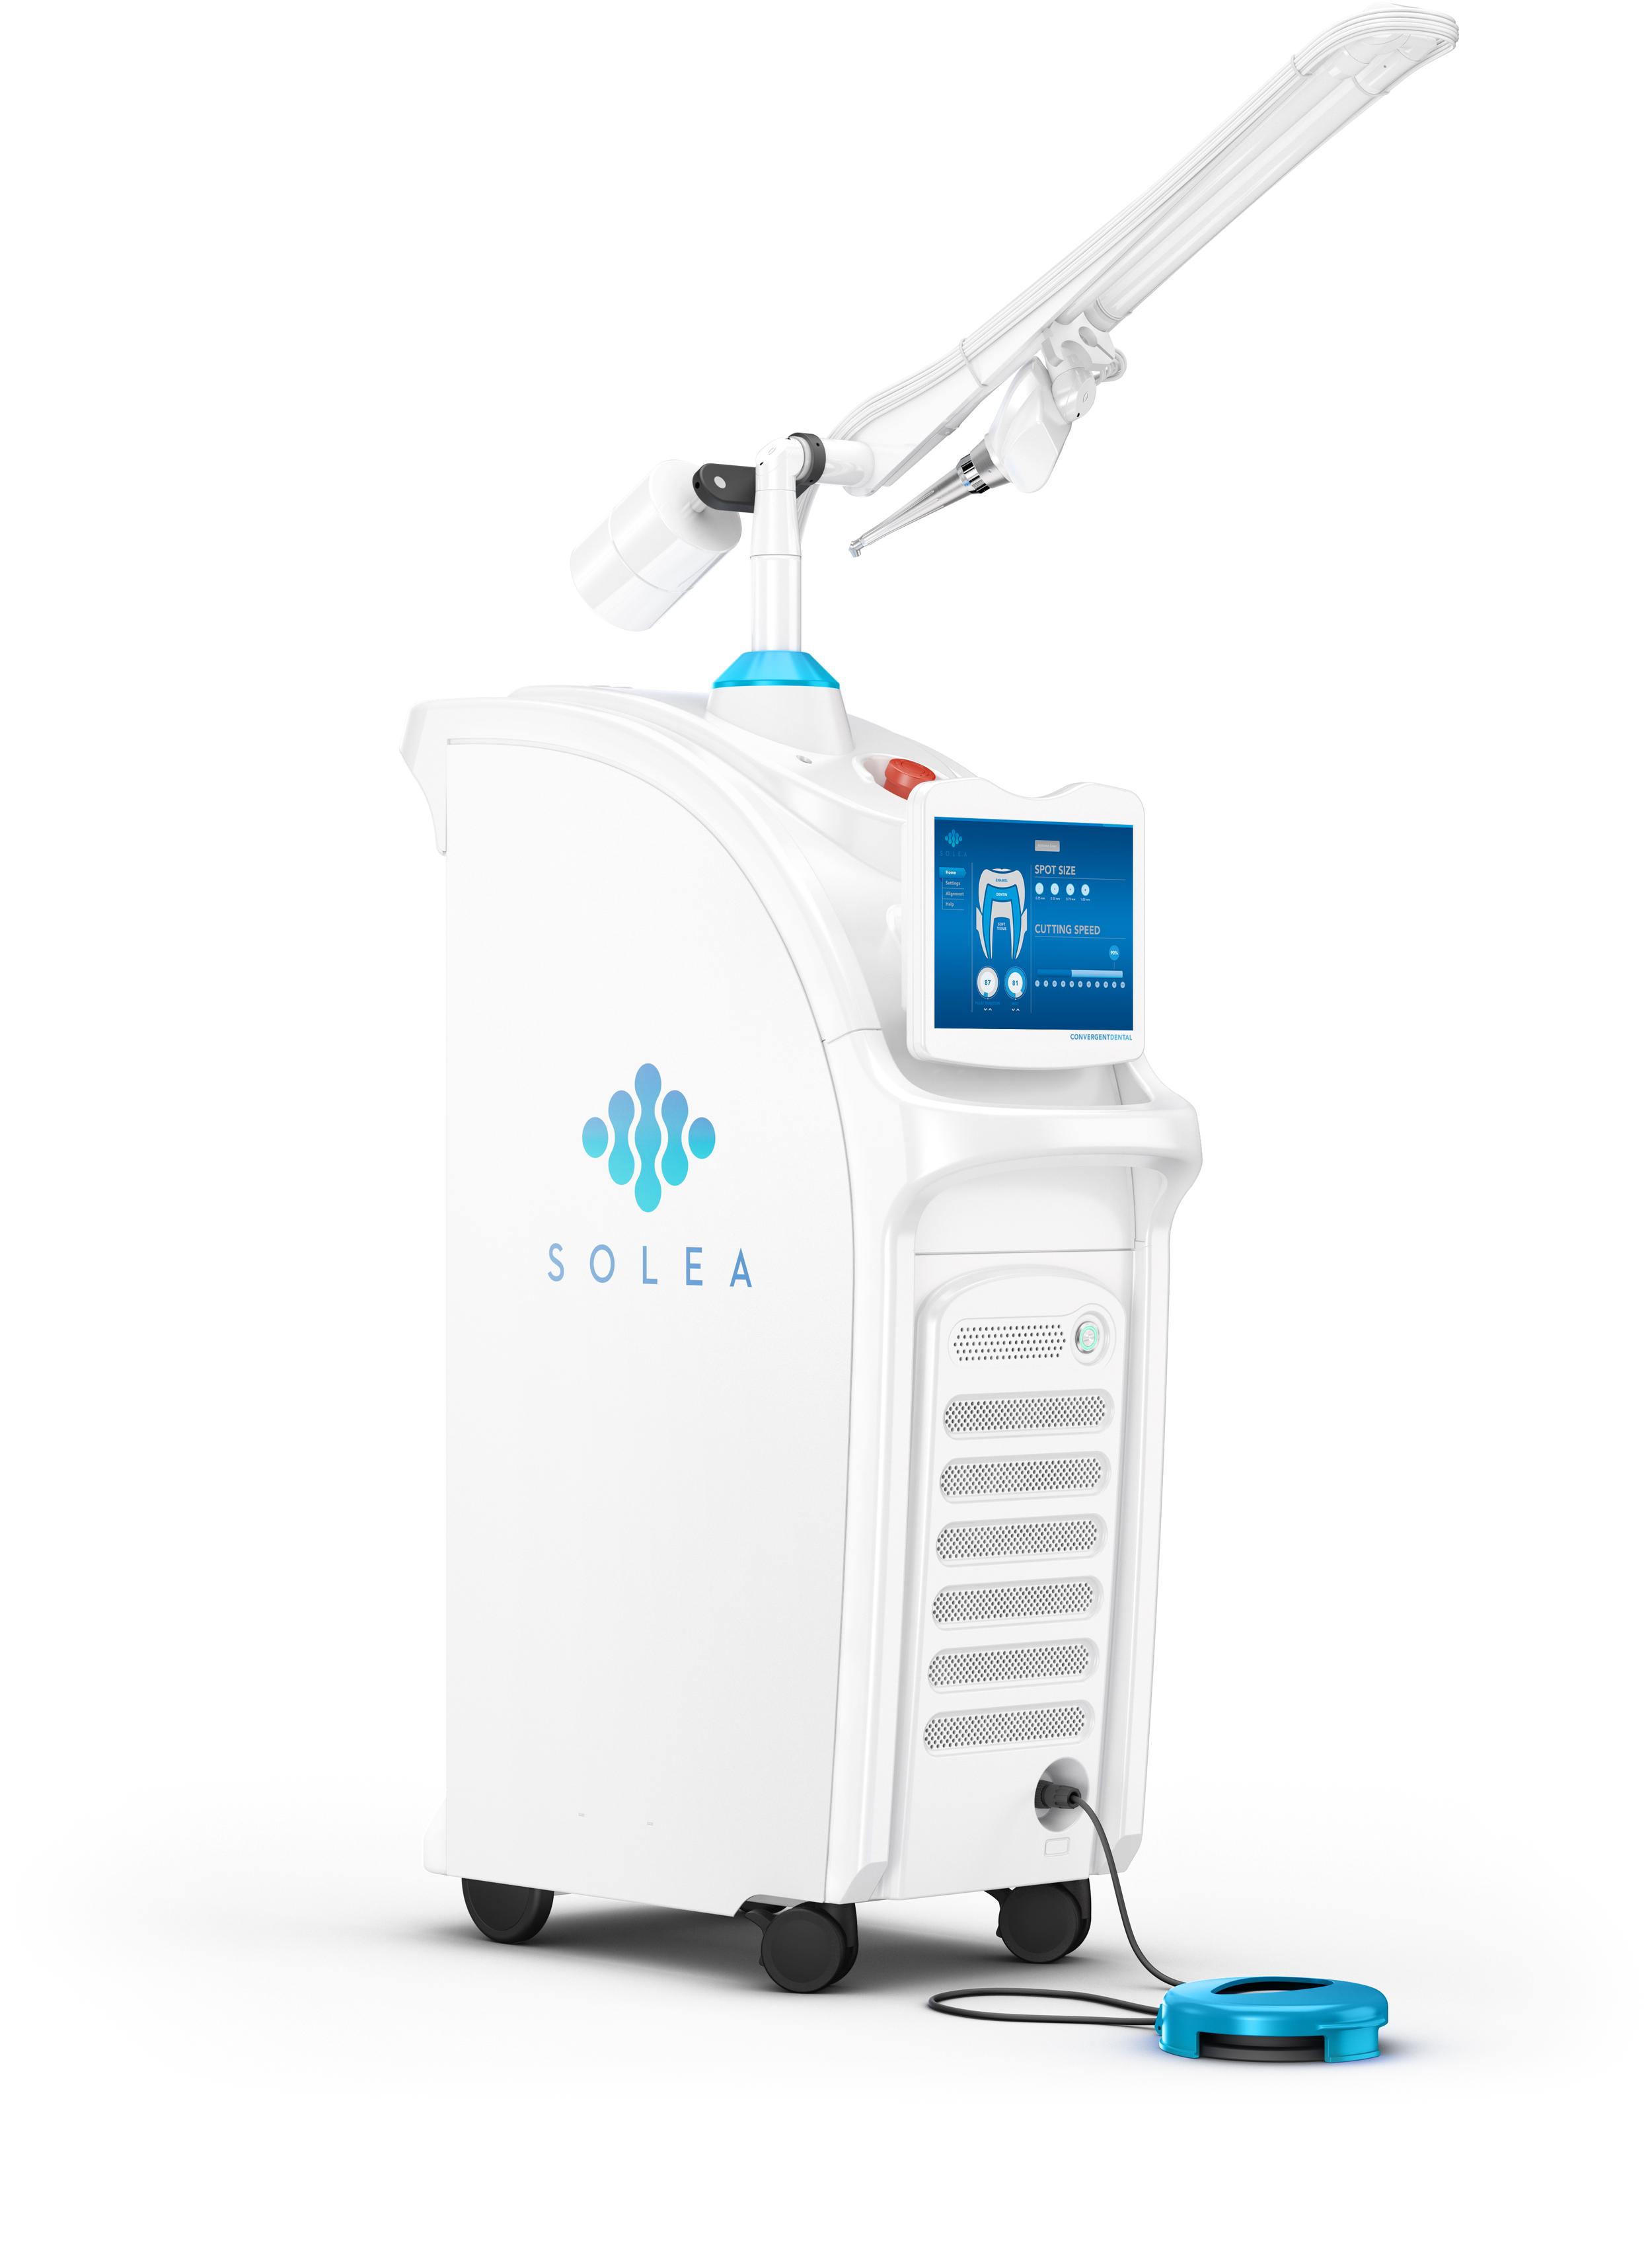 Solea-Laser.png